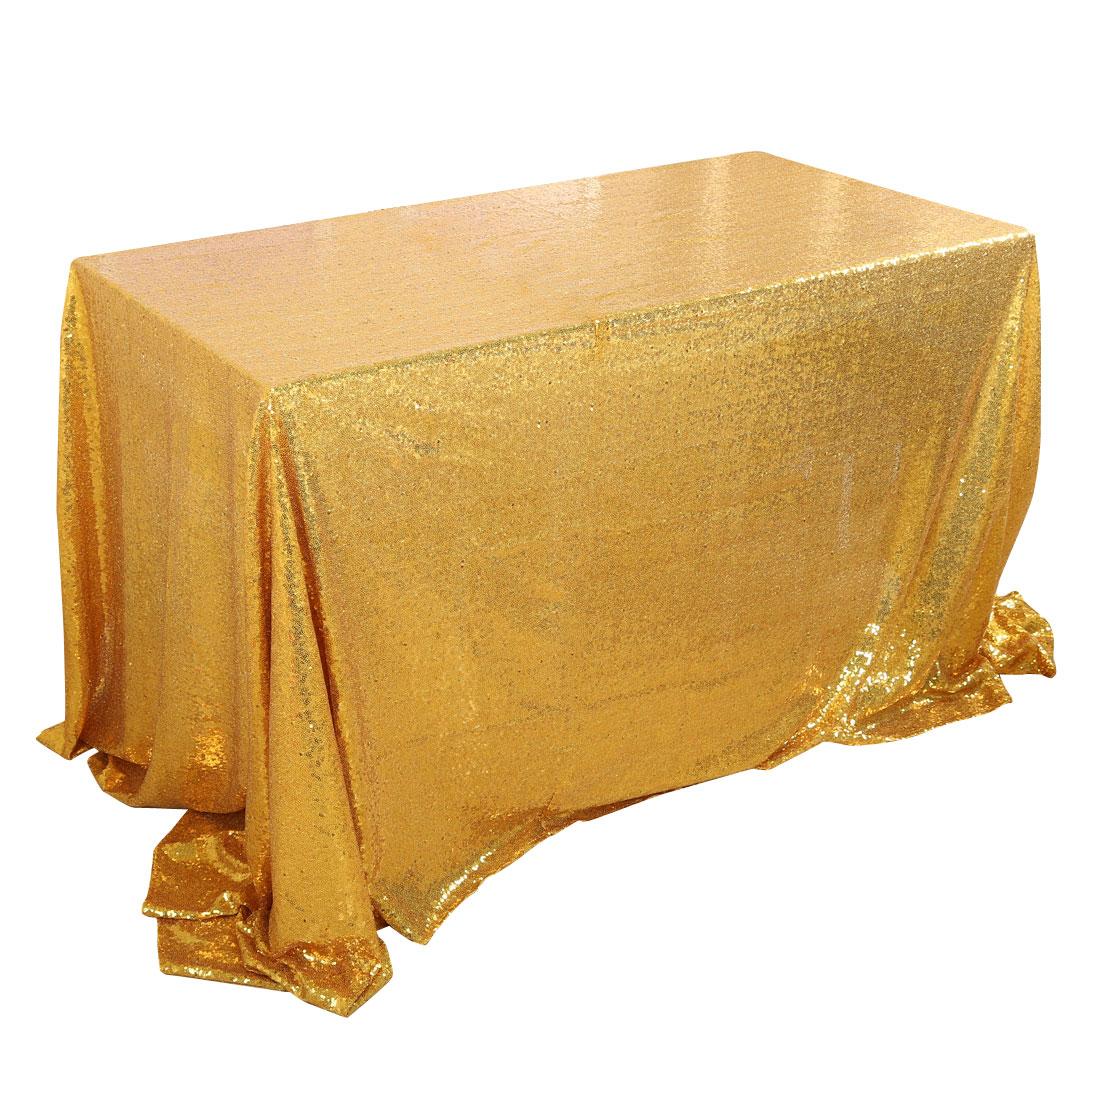 224 & Unique BargainsSparkle Sequin Tablecloth Table Cloth Cover 60x120\